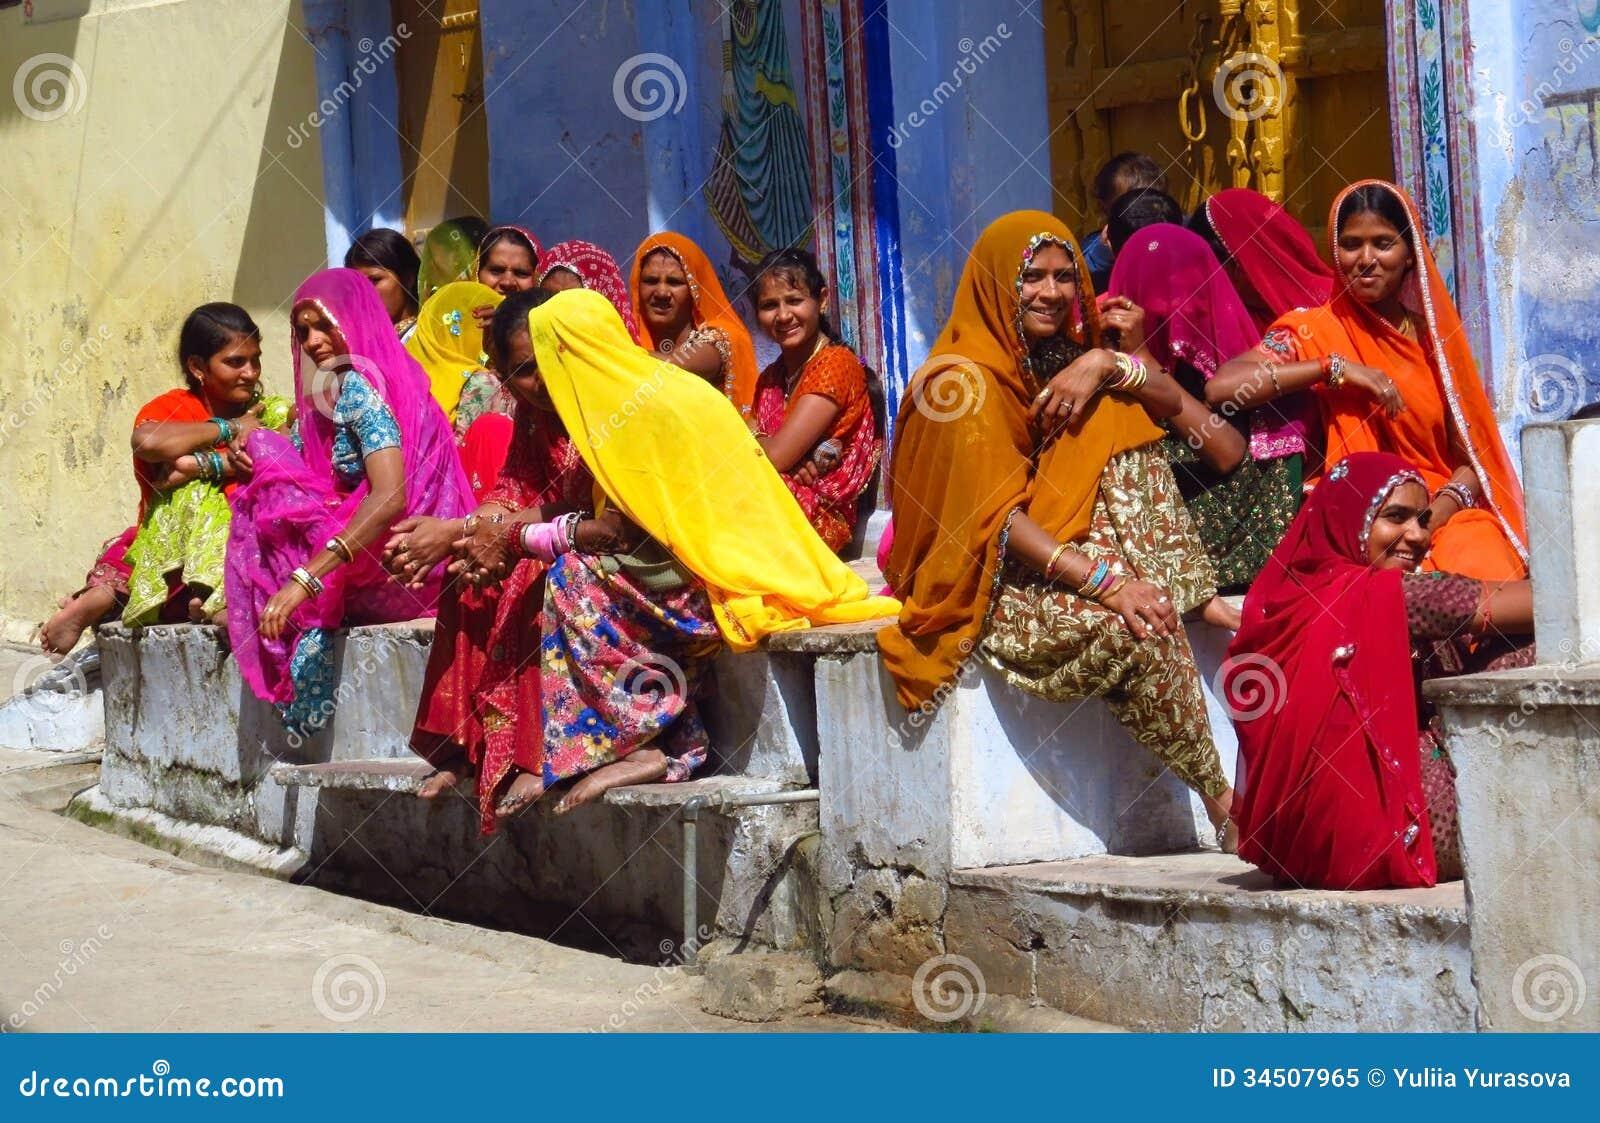 Les femmes indoues se sont habillées dans le sari coloré sur le marché en plein air indien